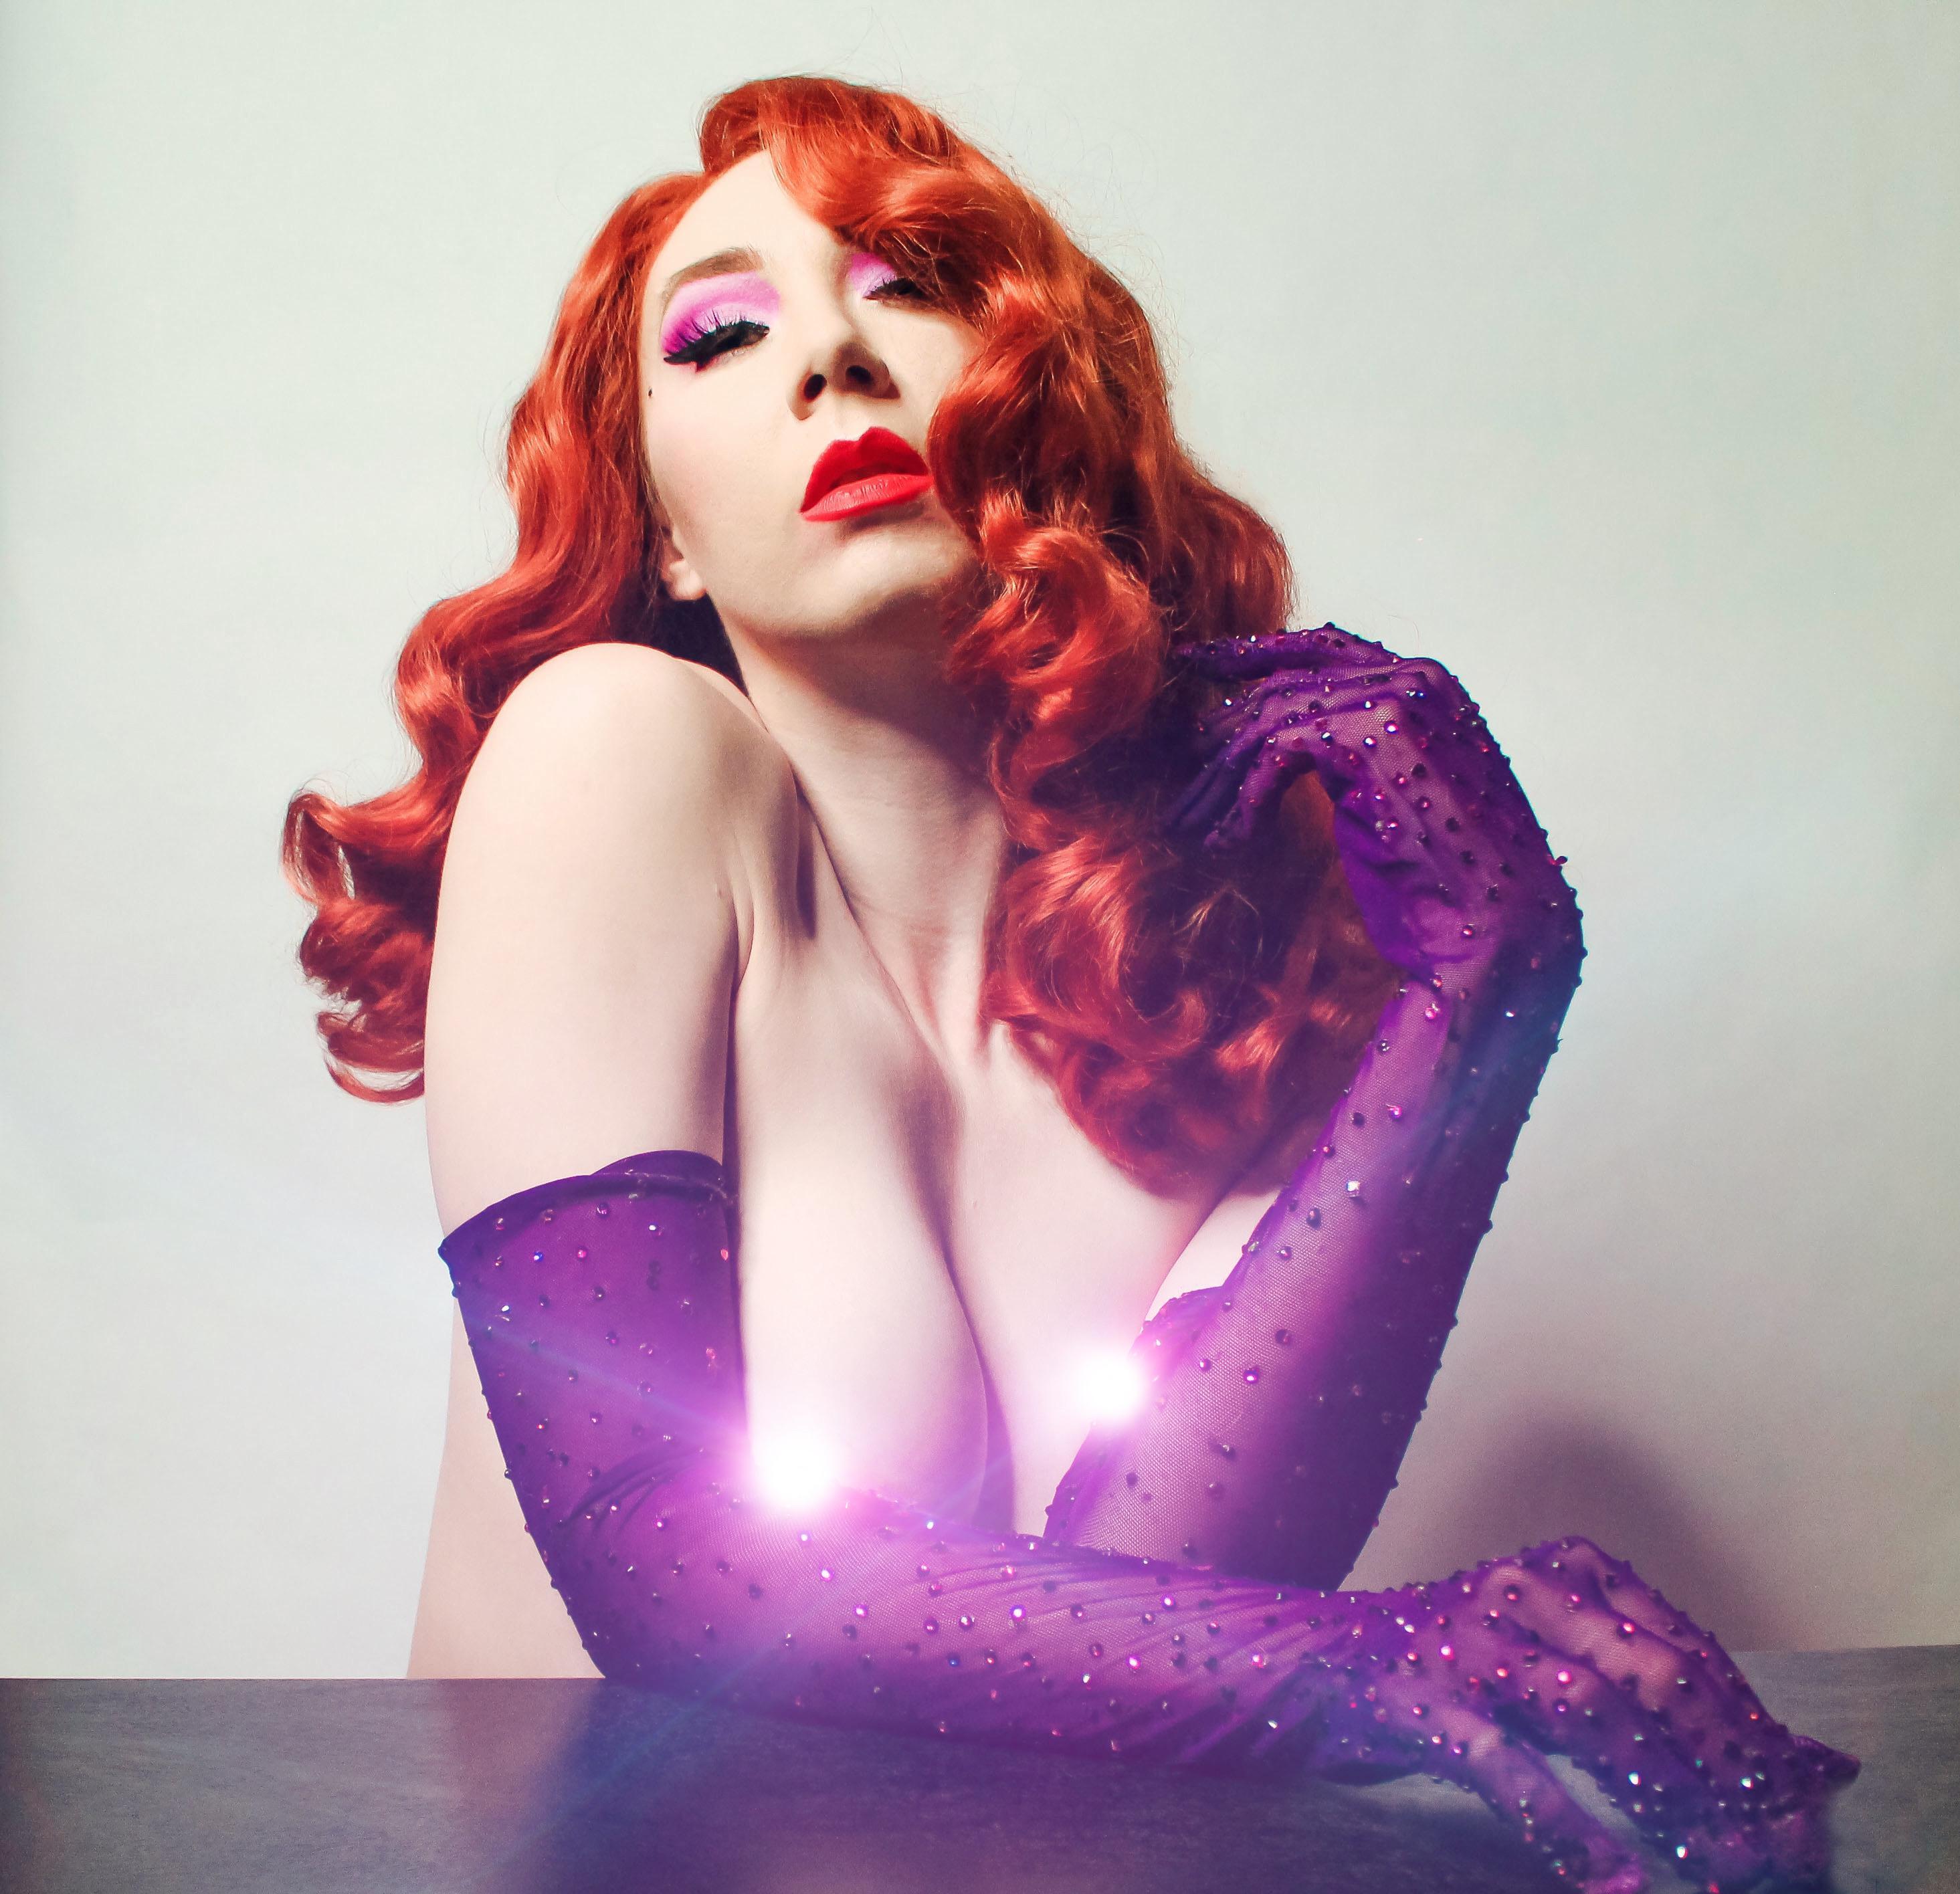 Jessica Rabbit Glamour – Juliette Electrique Https://linktr.ee/juliette_electrique_official